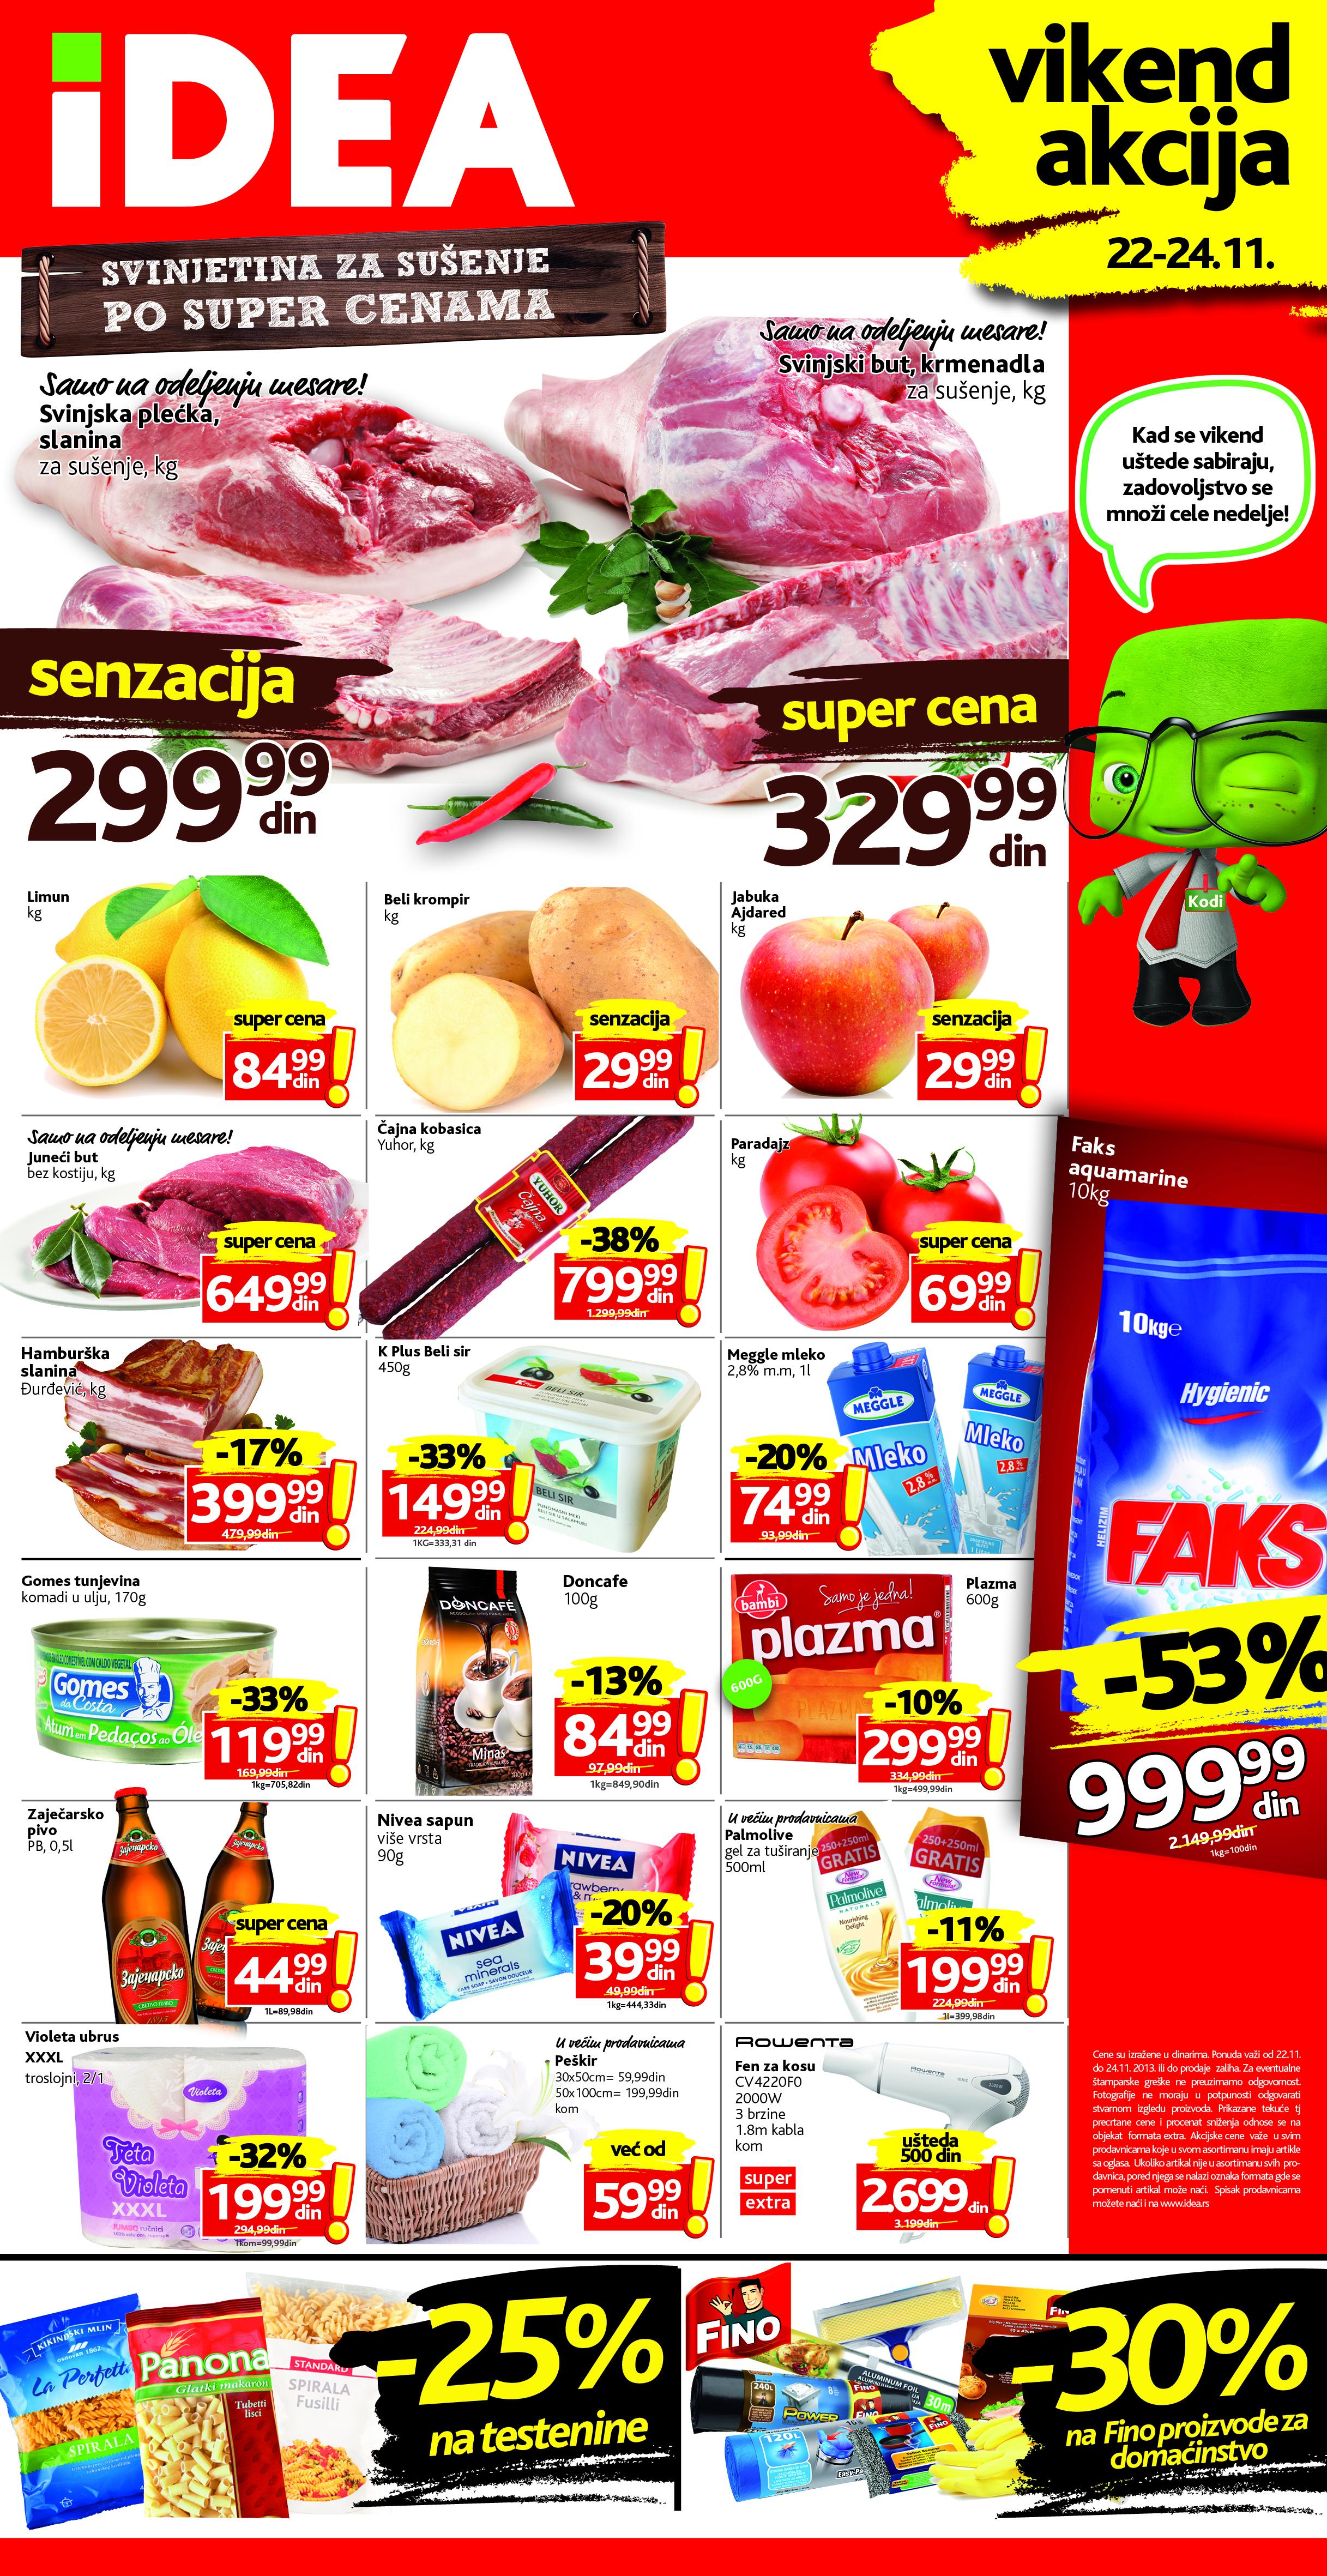 Idea katalog vikend akcijskih cena